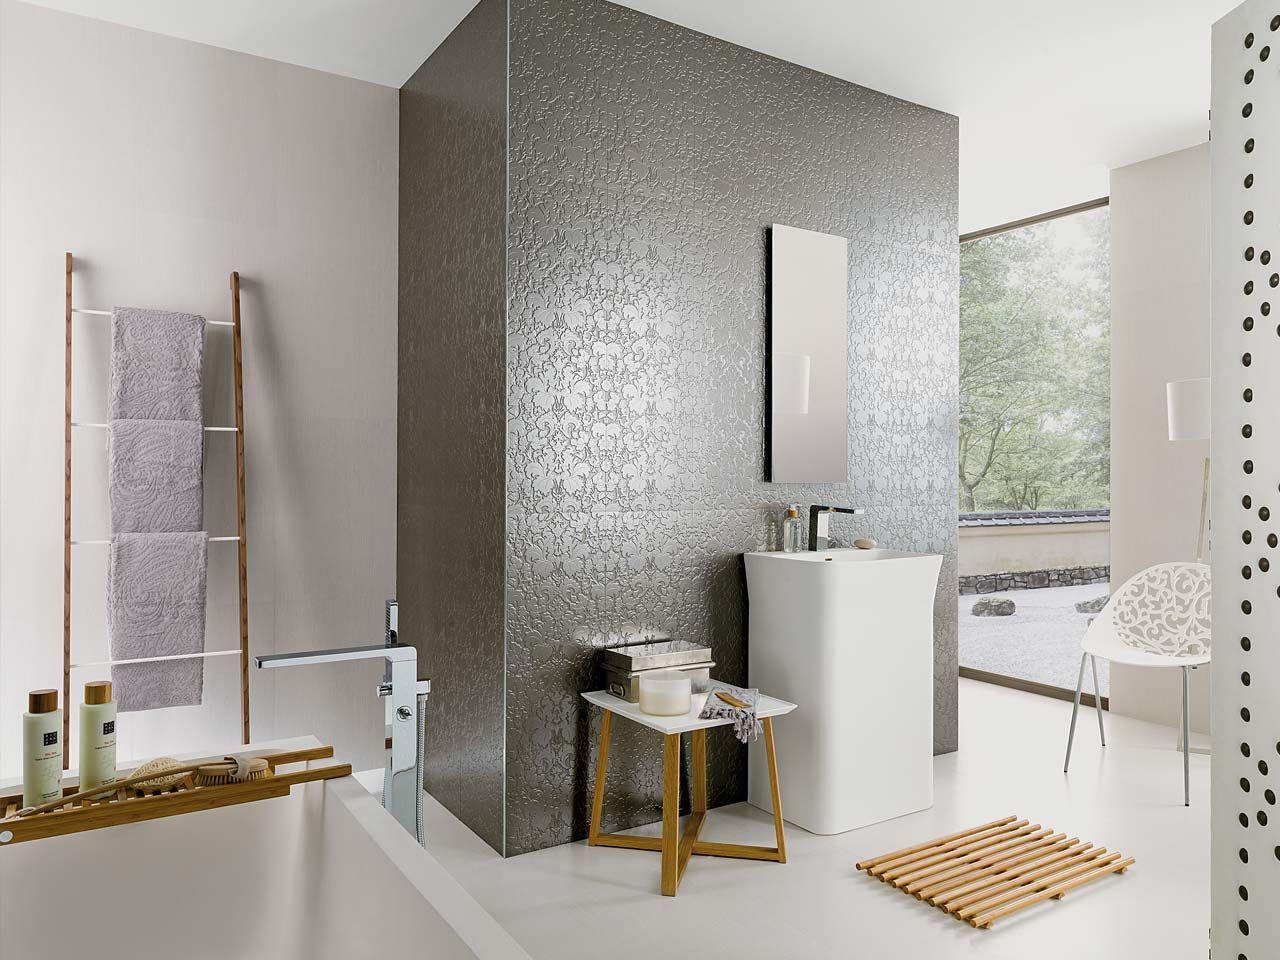 Para ba o de huespedes frente ducha y pared entrada - Revestimientos ceramicos para banos ...